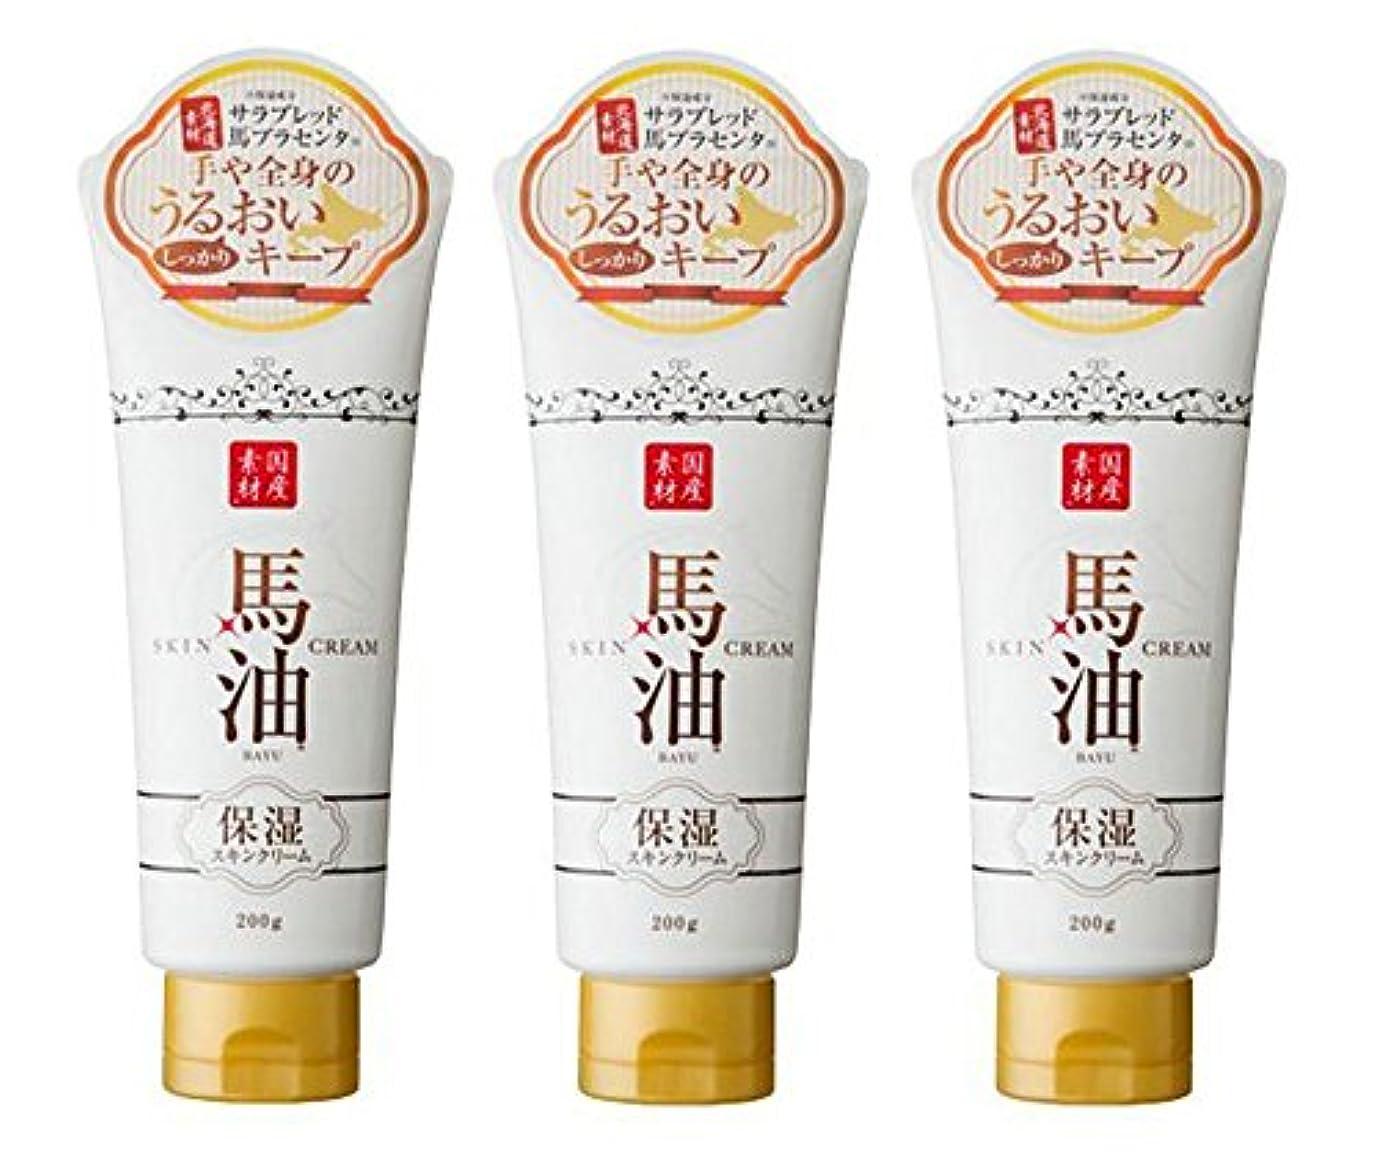 不変形式加入【アイスタイル】リシャン 馬油保湿スキンクリーム さくらの香り 200g ×3個セット